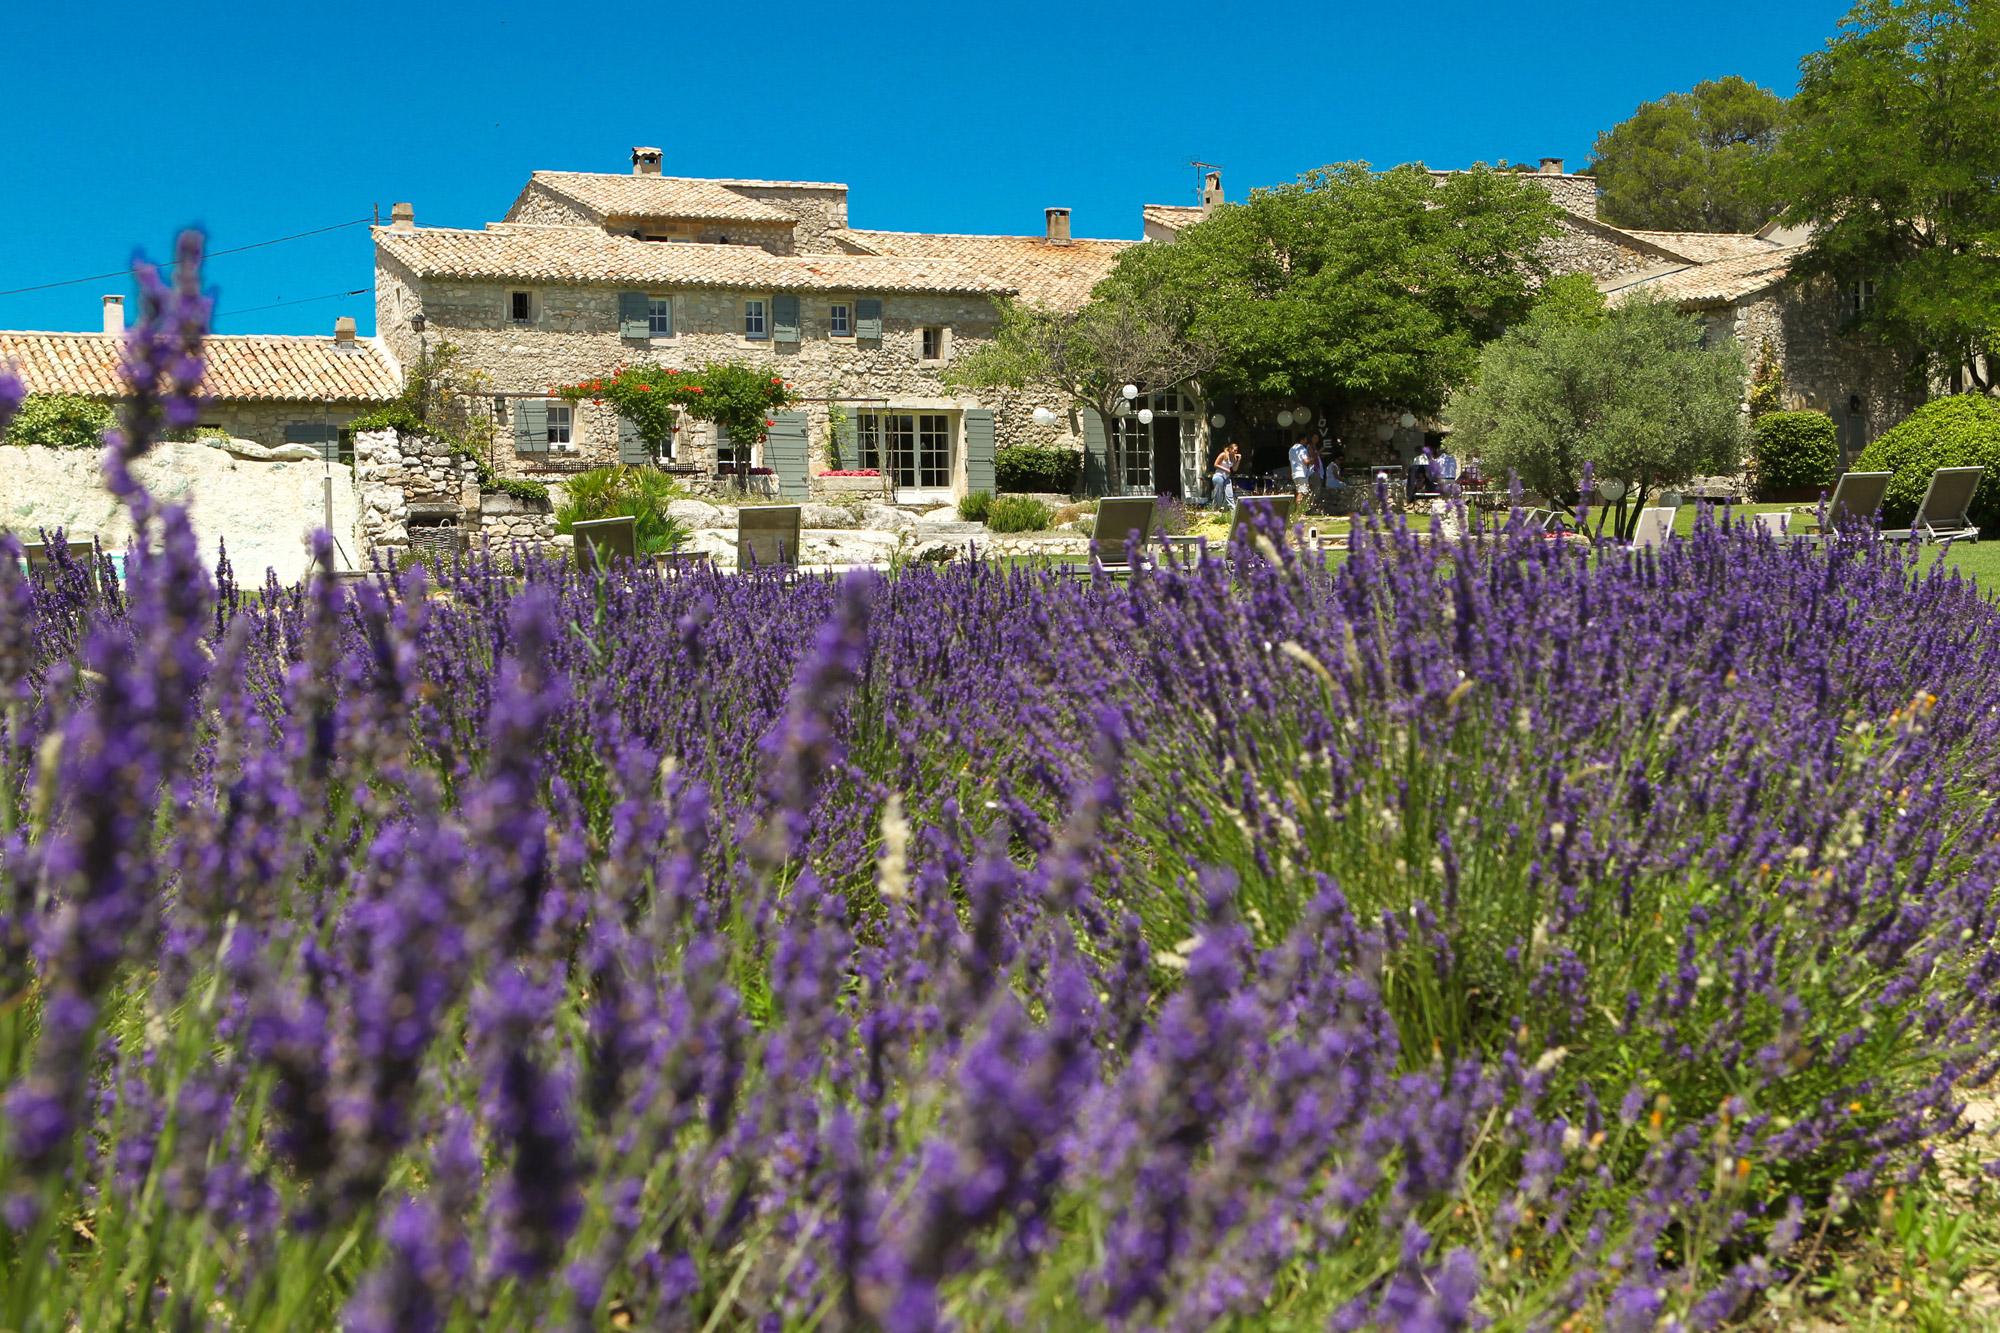 Piscine extérieure dissimulée dans un jardin d'inspiration provençale.